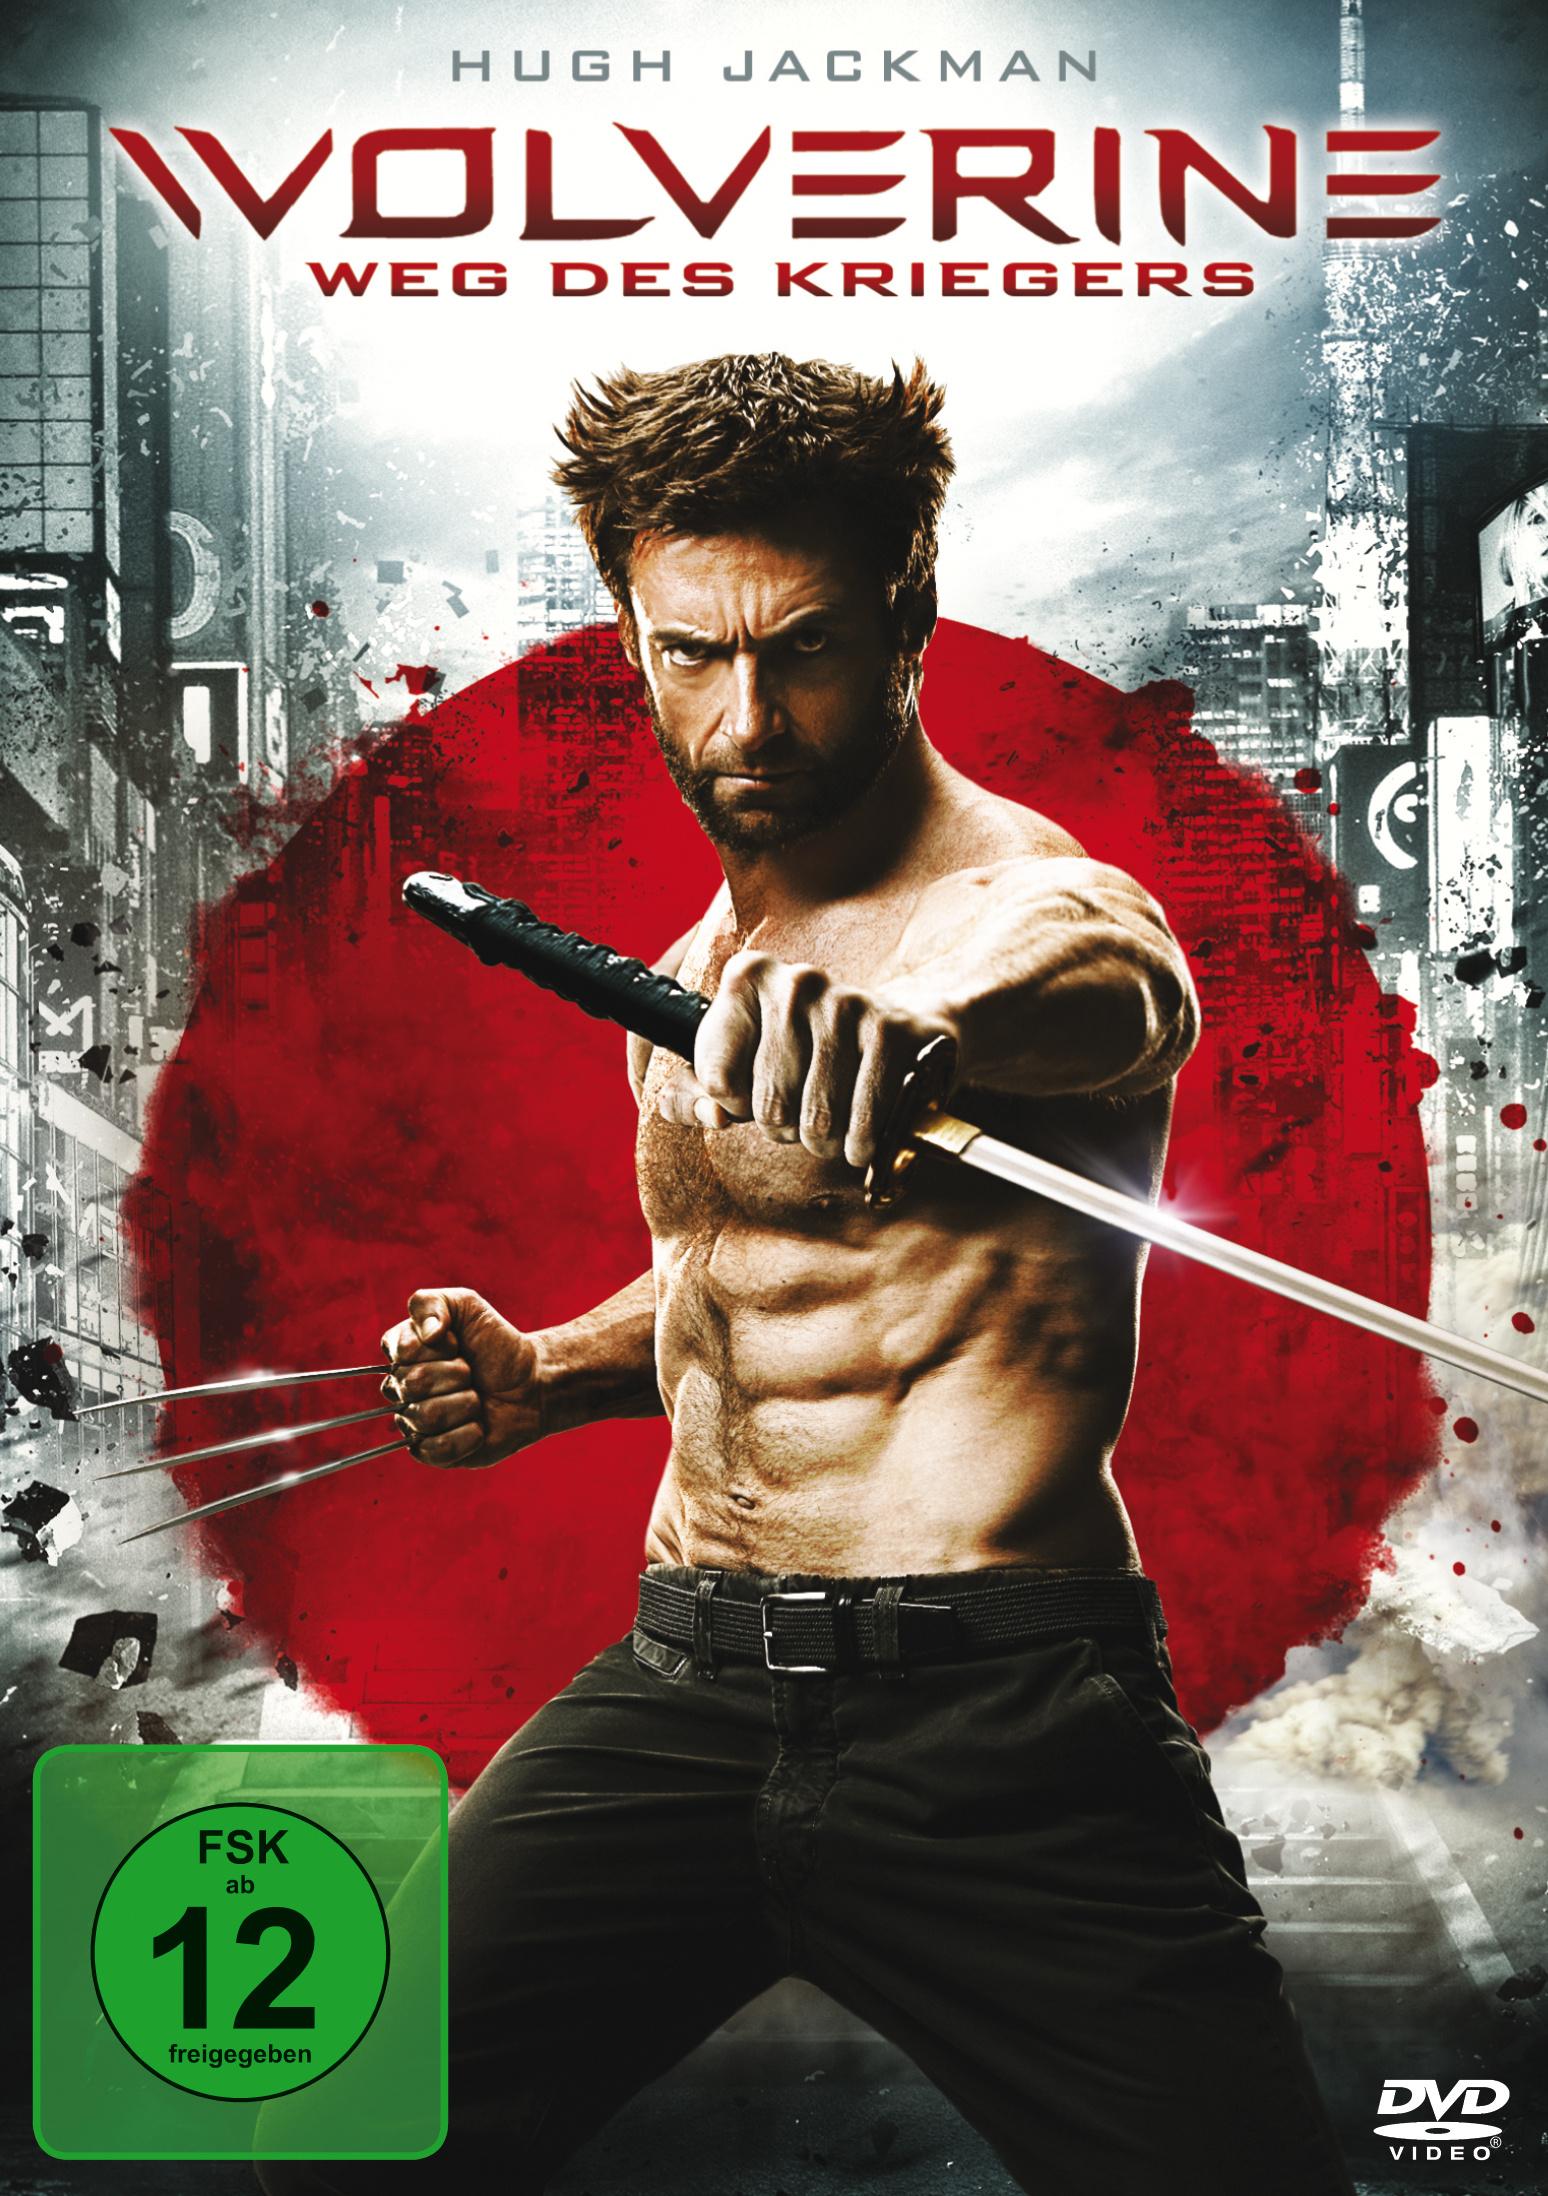 Wolverine: Weg des Kriegers DVD bei Weltbild.at bestellen